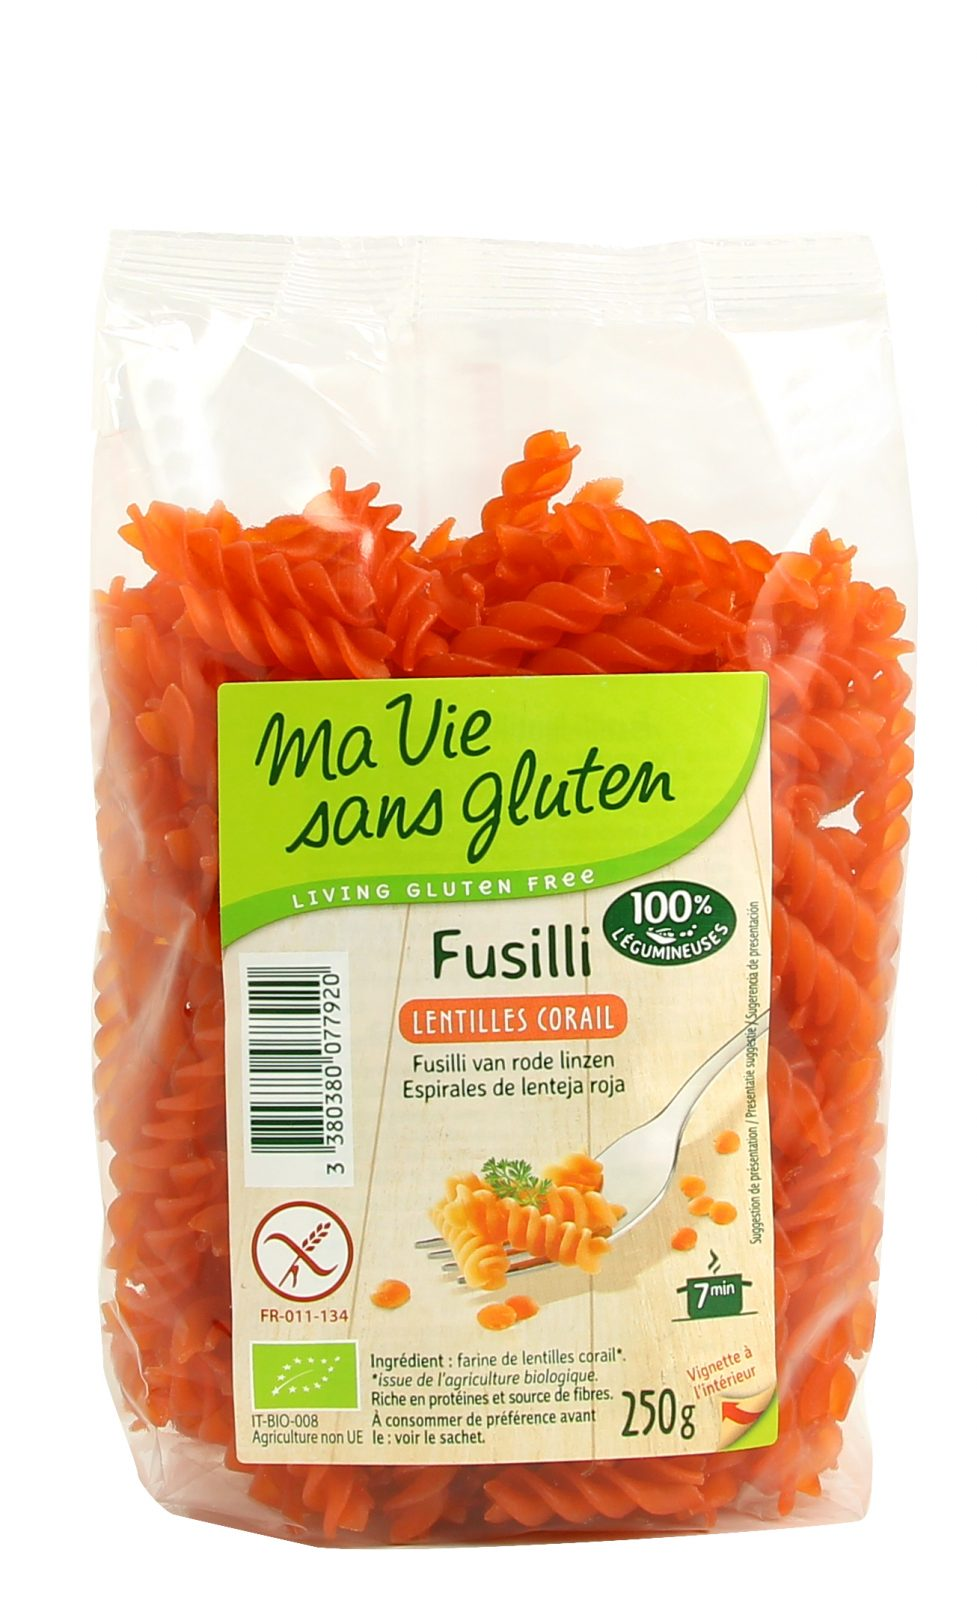 Ma vie sans gluten - Pâte - Fusilli lentilles corail - 250g